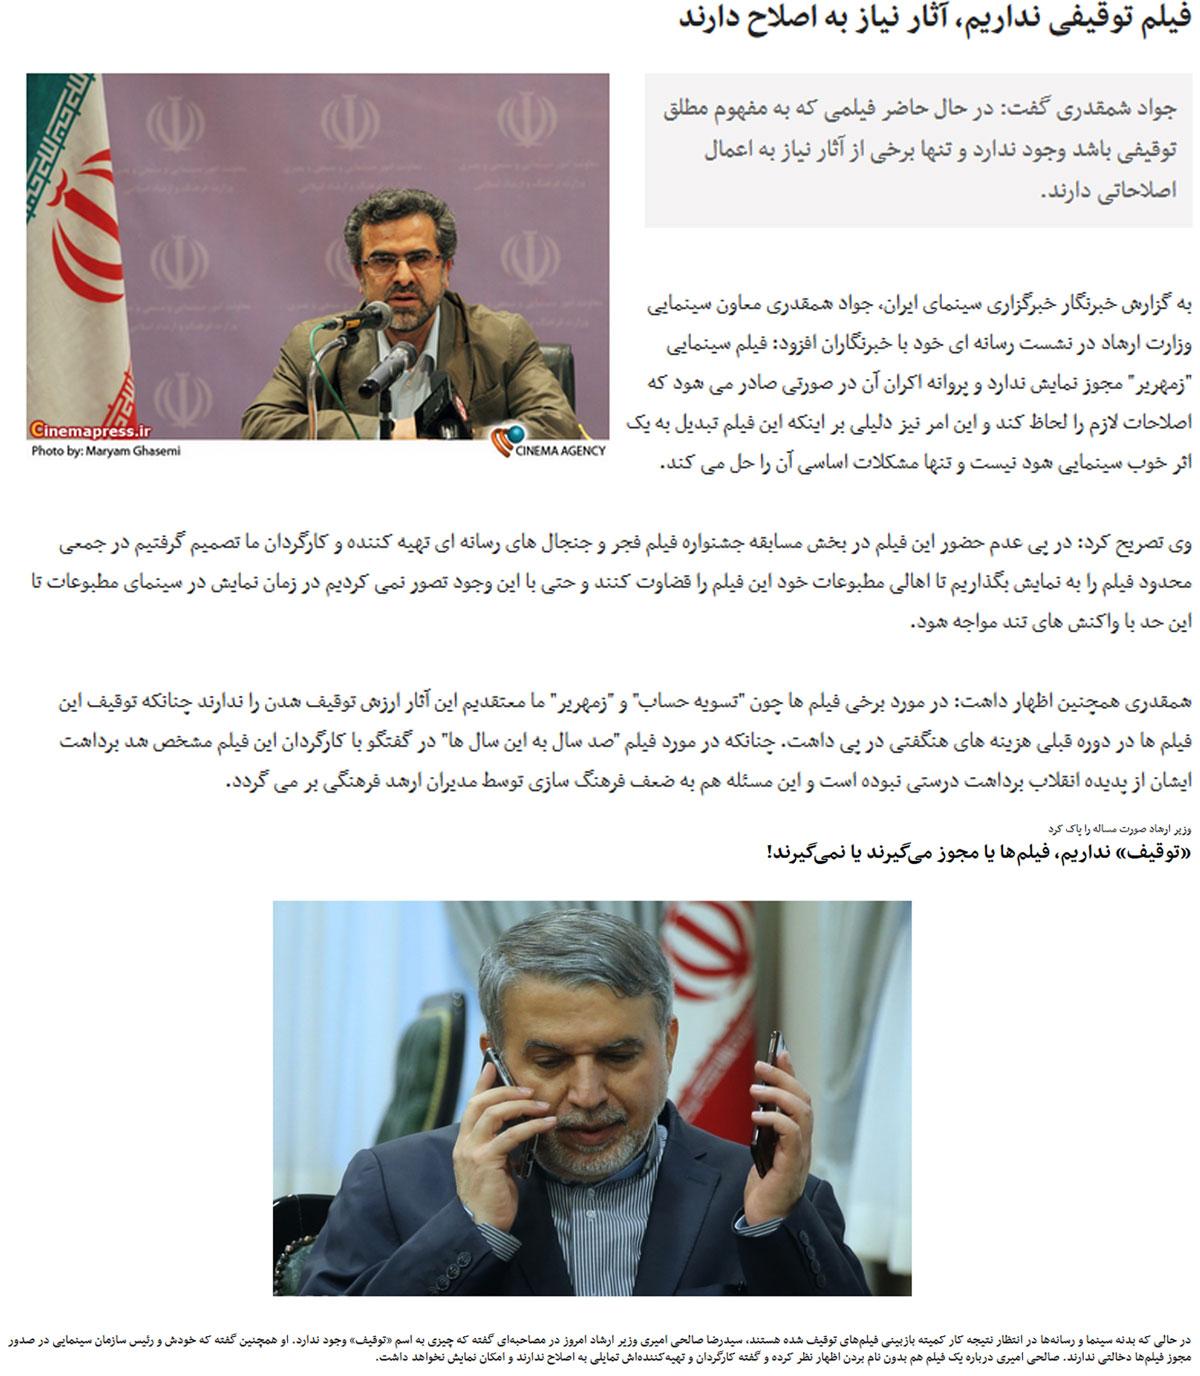 در دولت روحانی مثل احمدی نژاد فیلم توقیفی نداریم، فقط نیاز به اصلاح دارند